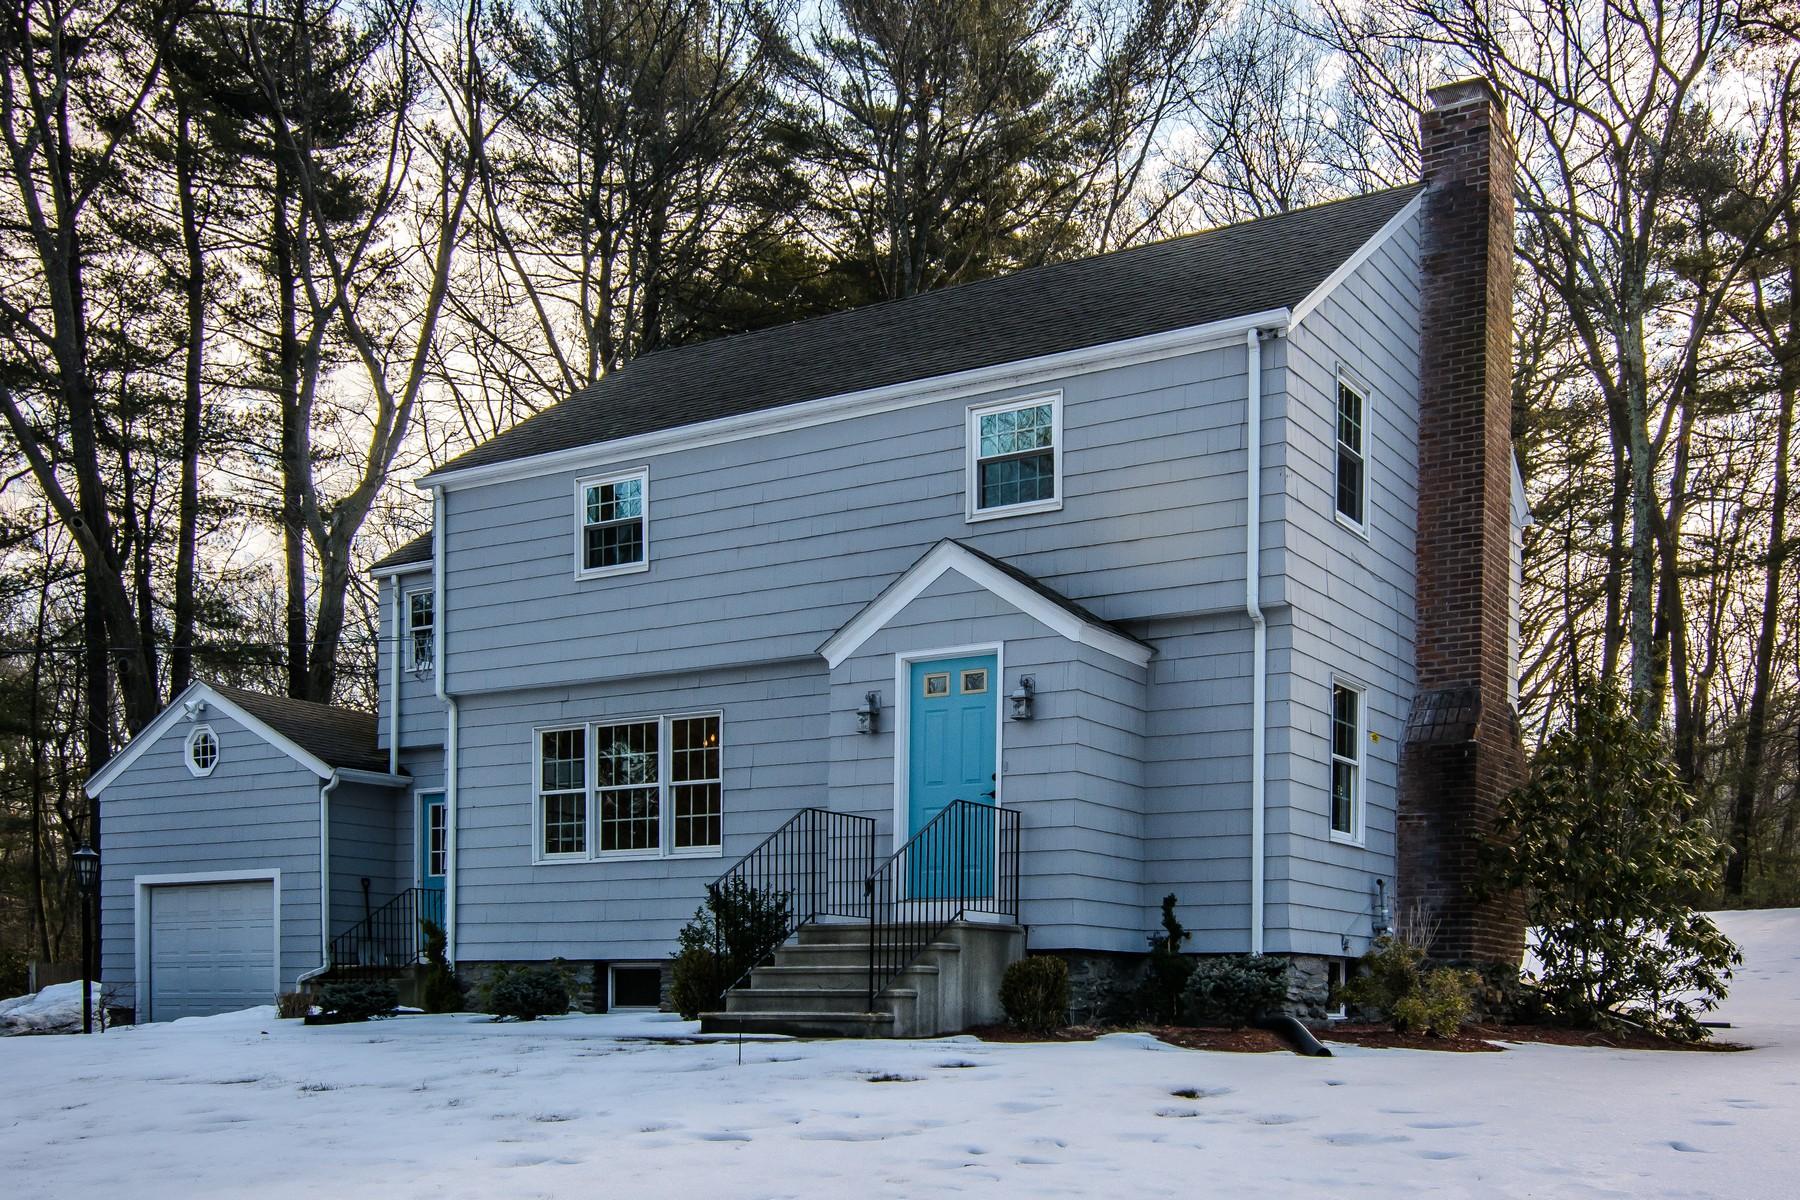 一戸建て のために 売買 アット Pristine and Move In Ready Colonial 37 Deernolm Street Grafton, マサチューセッツ, 01536 アメリカ合衆国